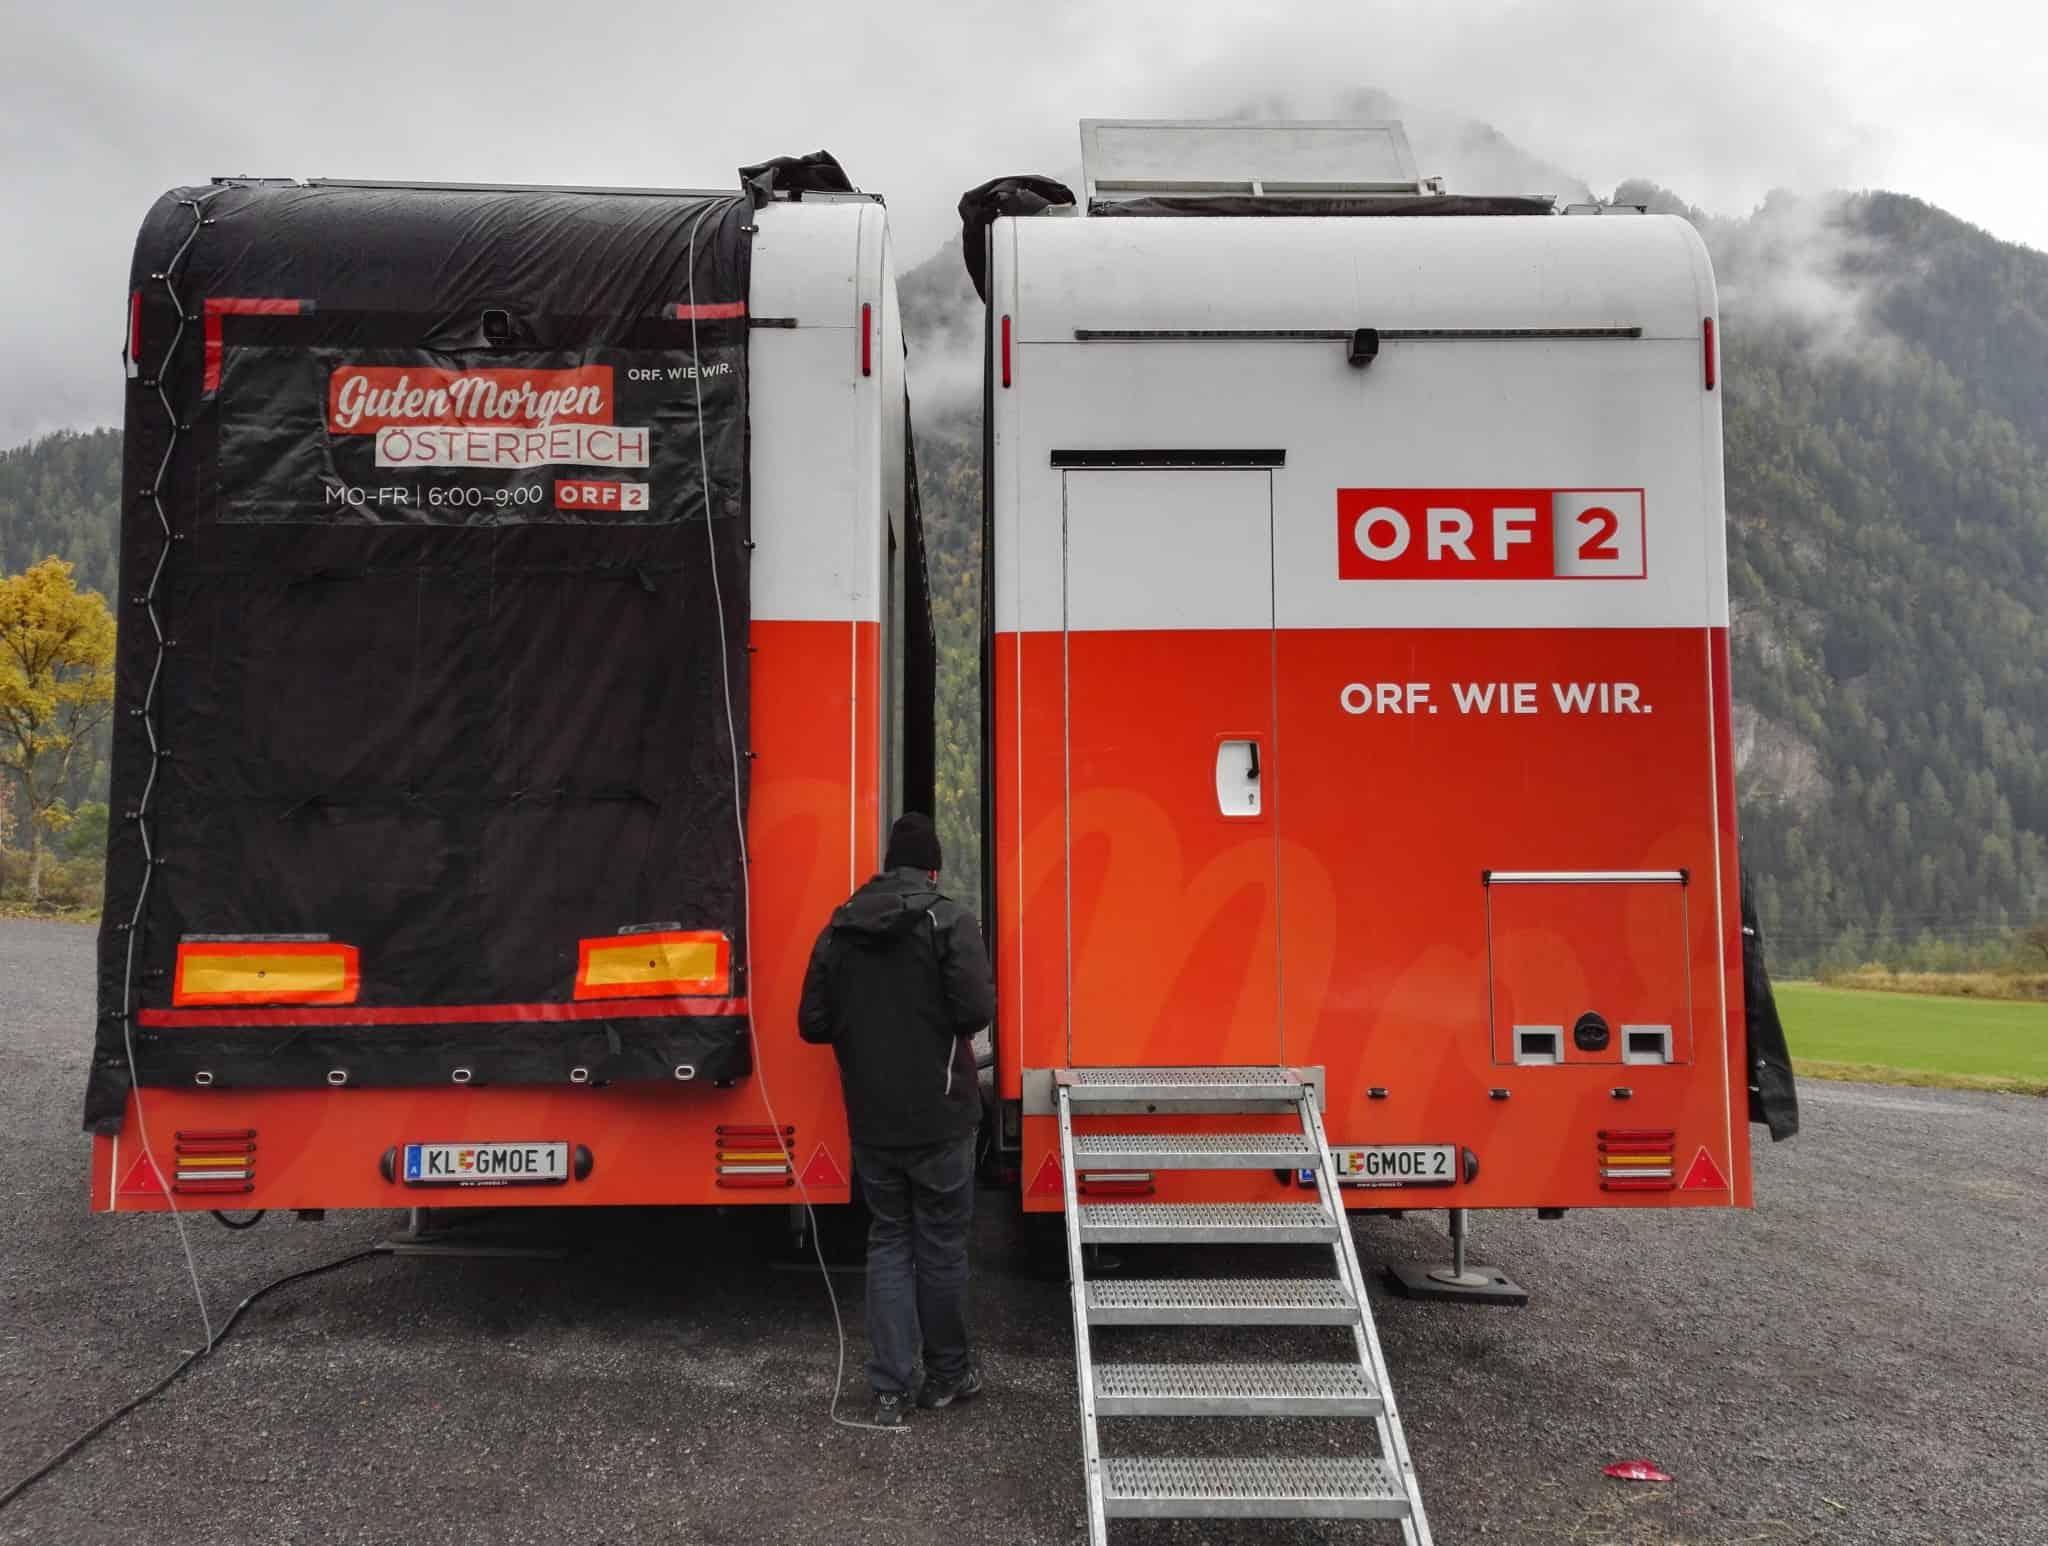 ORF Guten Morgen Österreich Tirol Sölden Woche C Andreas Felder 2 1 - ORF Guten Morgen Österreich - Tirol Woche